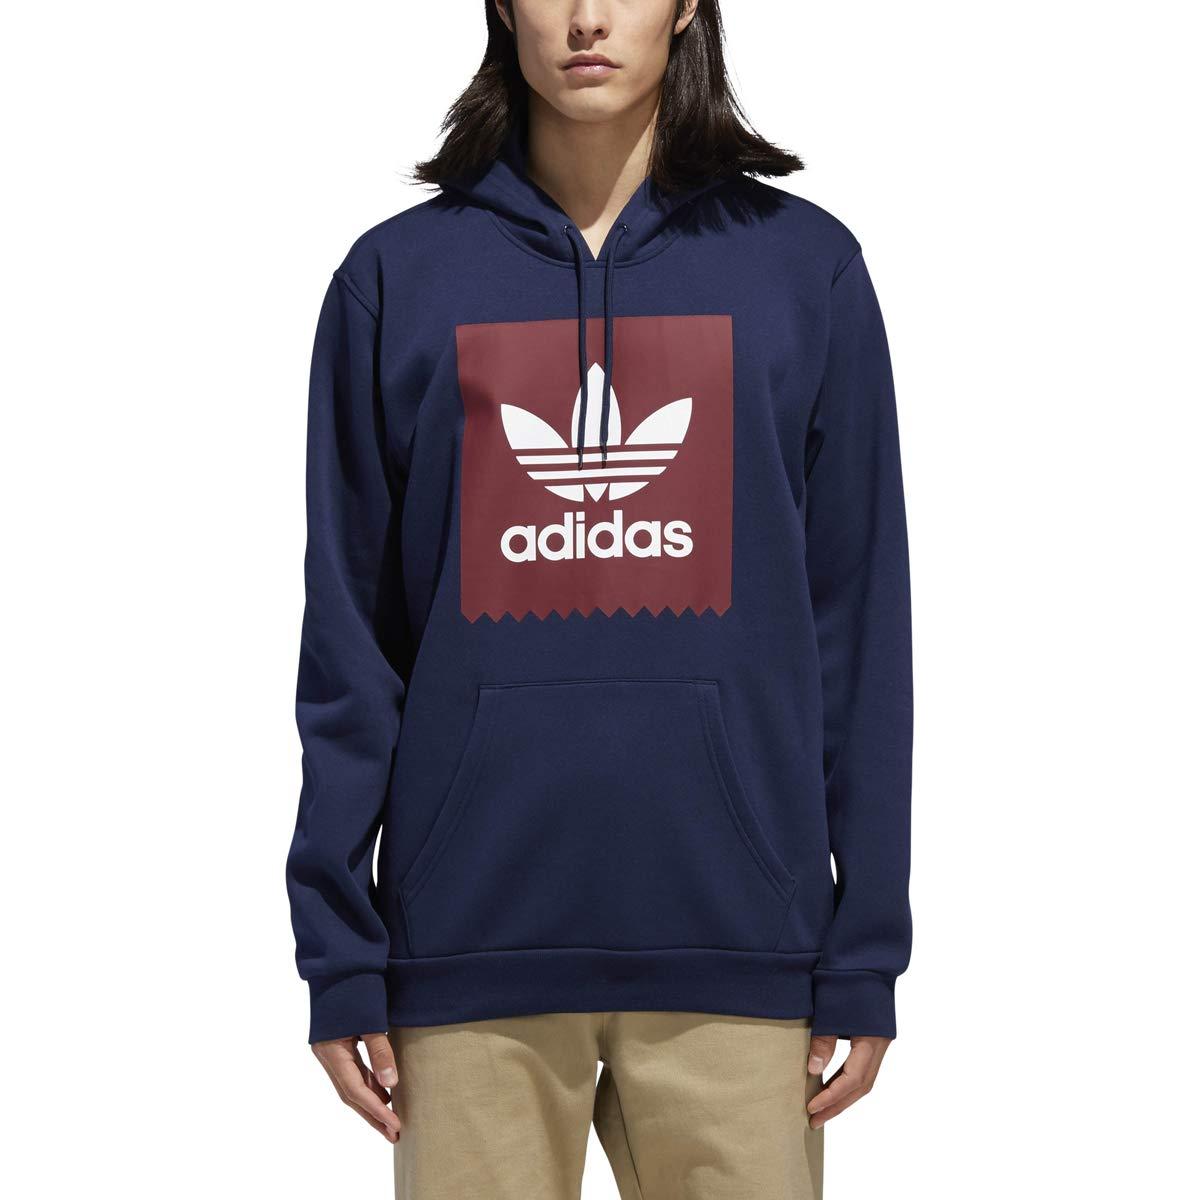 adidas Originals Men's Solid Bb Hoodie, Navy/Collegiate Burgundy/White, XS by adidas Originals